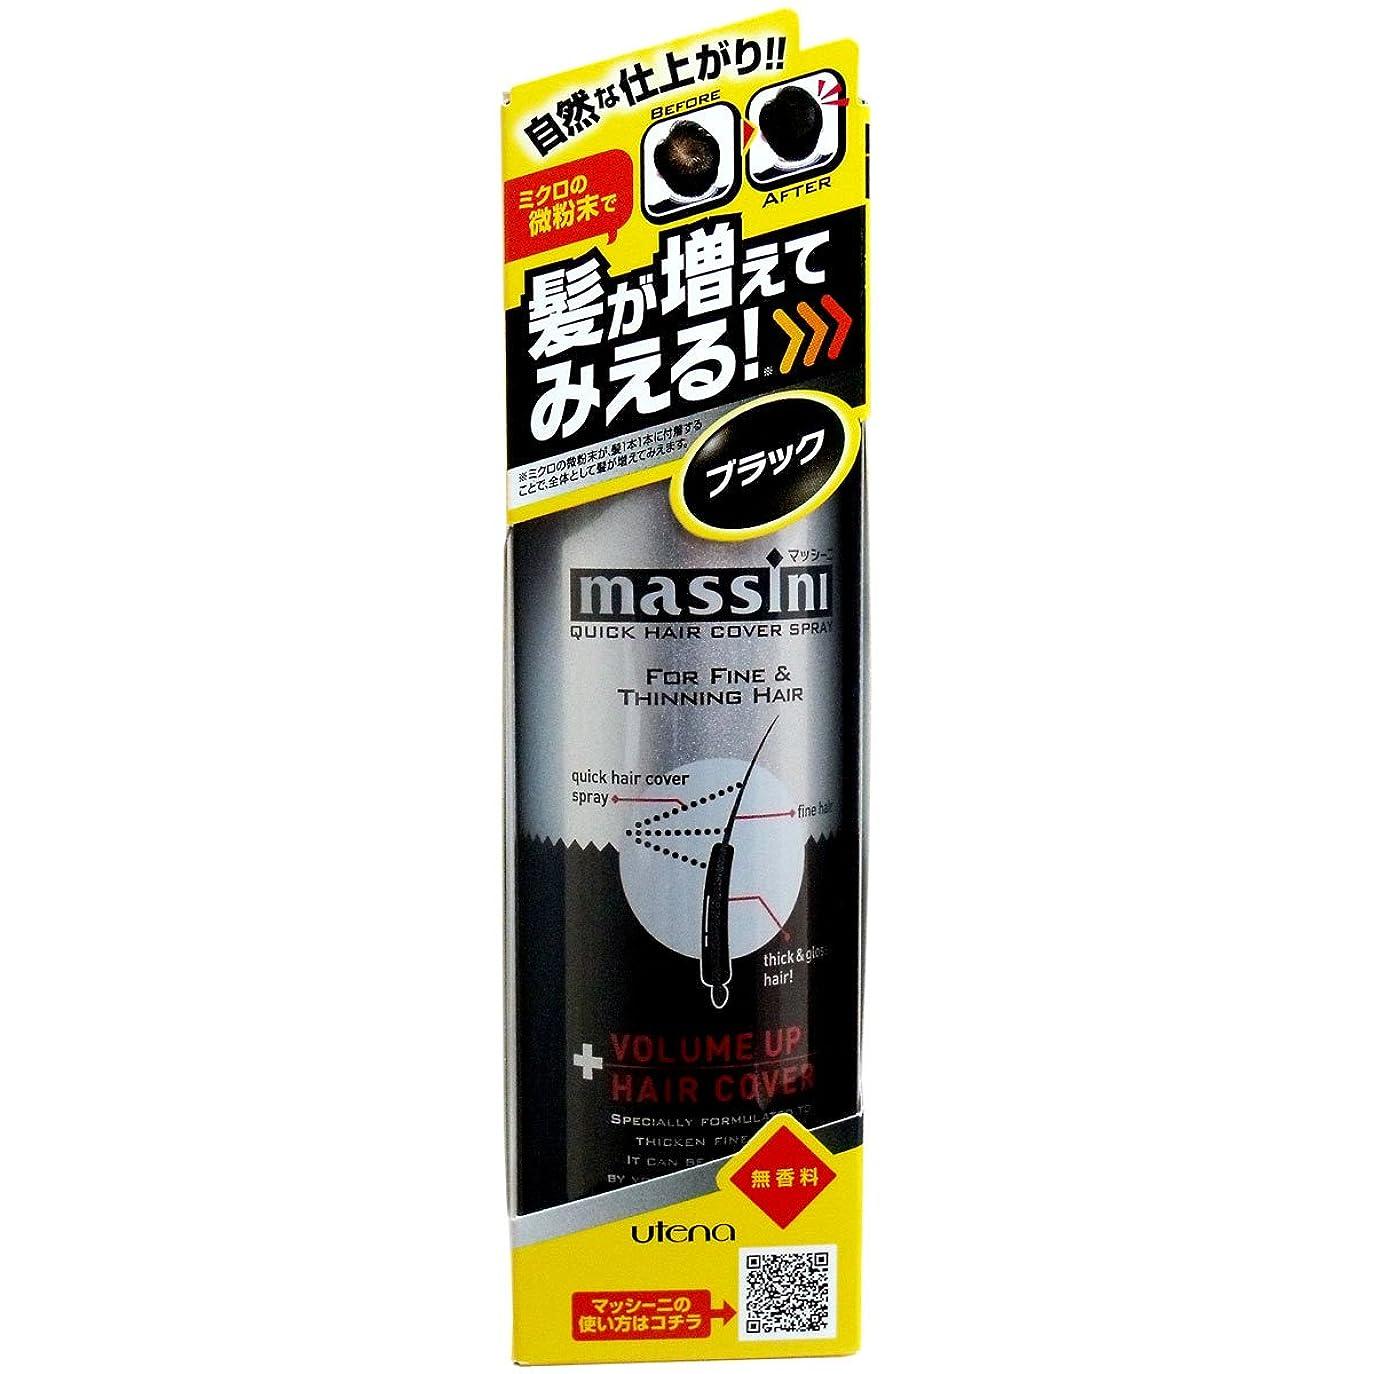 進行中炭水化物繁栄【ウテナ】マッシーニ クィックヘアカバースプレー(ブラック) 140g ×10個セット